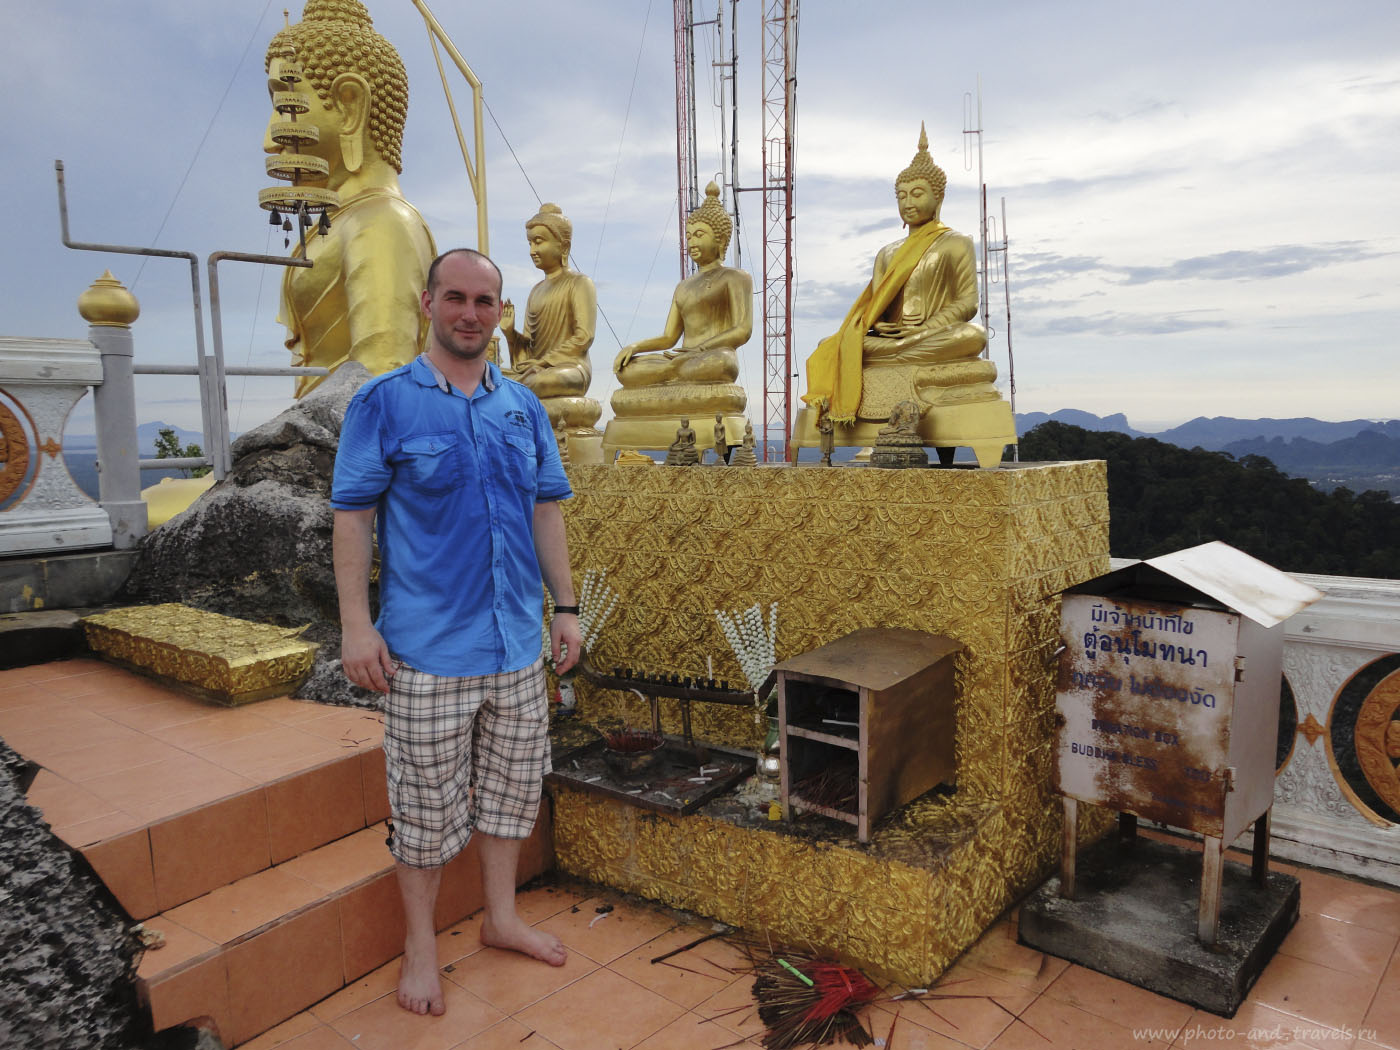 Фото 9. На вершине скалы храма Ват Там Суа. В 2013 году мы проехали 1200 км за рулем по Шри-Ланке. Только тогда я узнал, что у буддистов категорически запрещается фотографироваться спиной к Будде. Можно нарваться на неприятности. Отзывы туристов о поездке в отпуск в Таиланд.